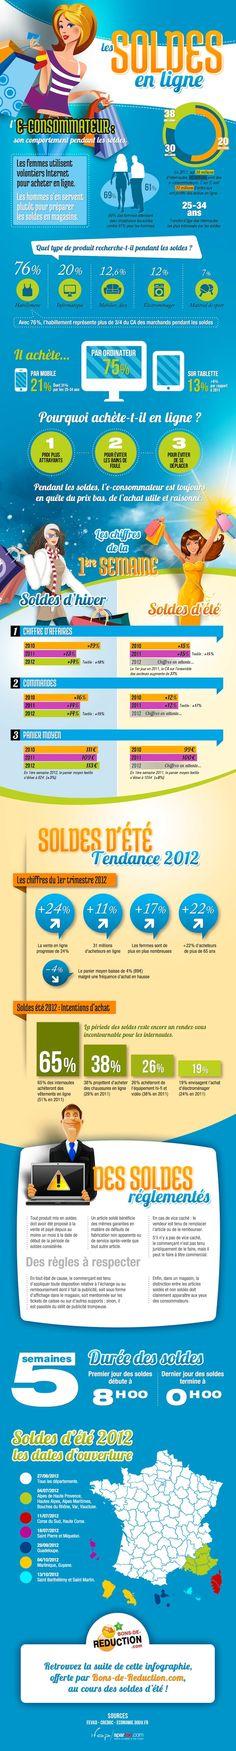 65% des internautes ont l'intention d'acheter des vêtements en ligne aux soldes d'été ! - #Infographic